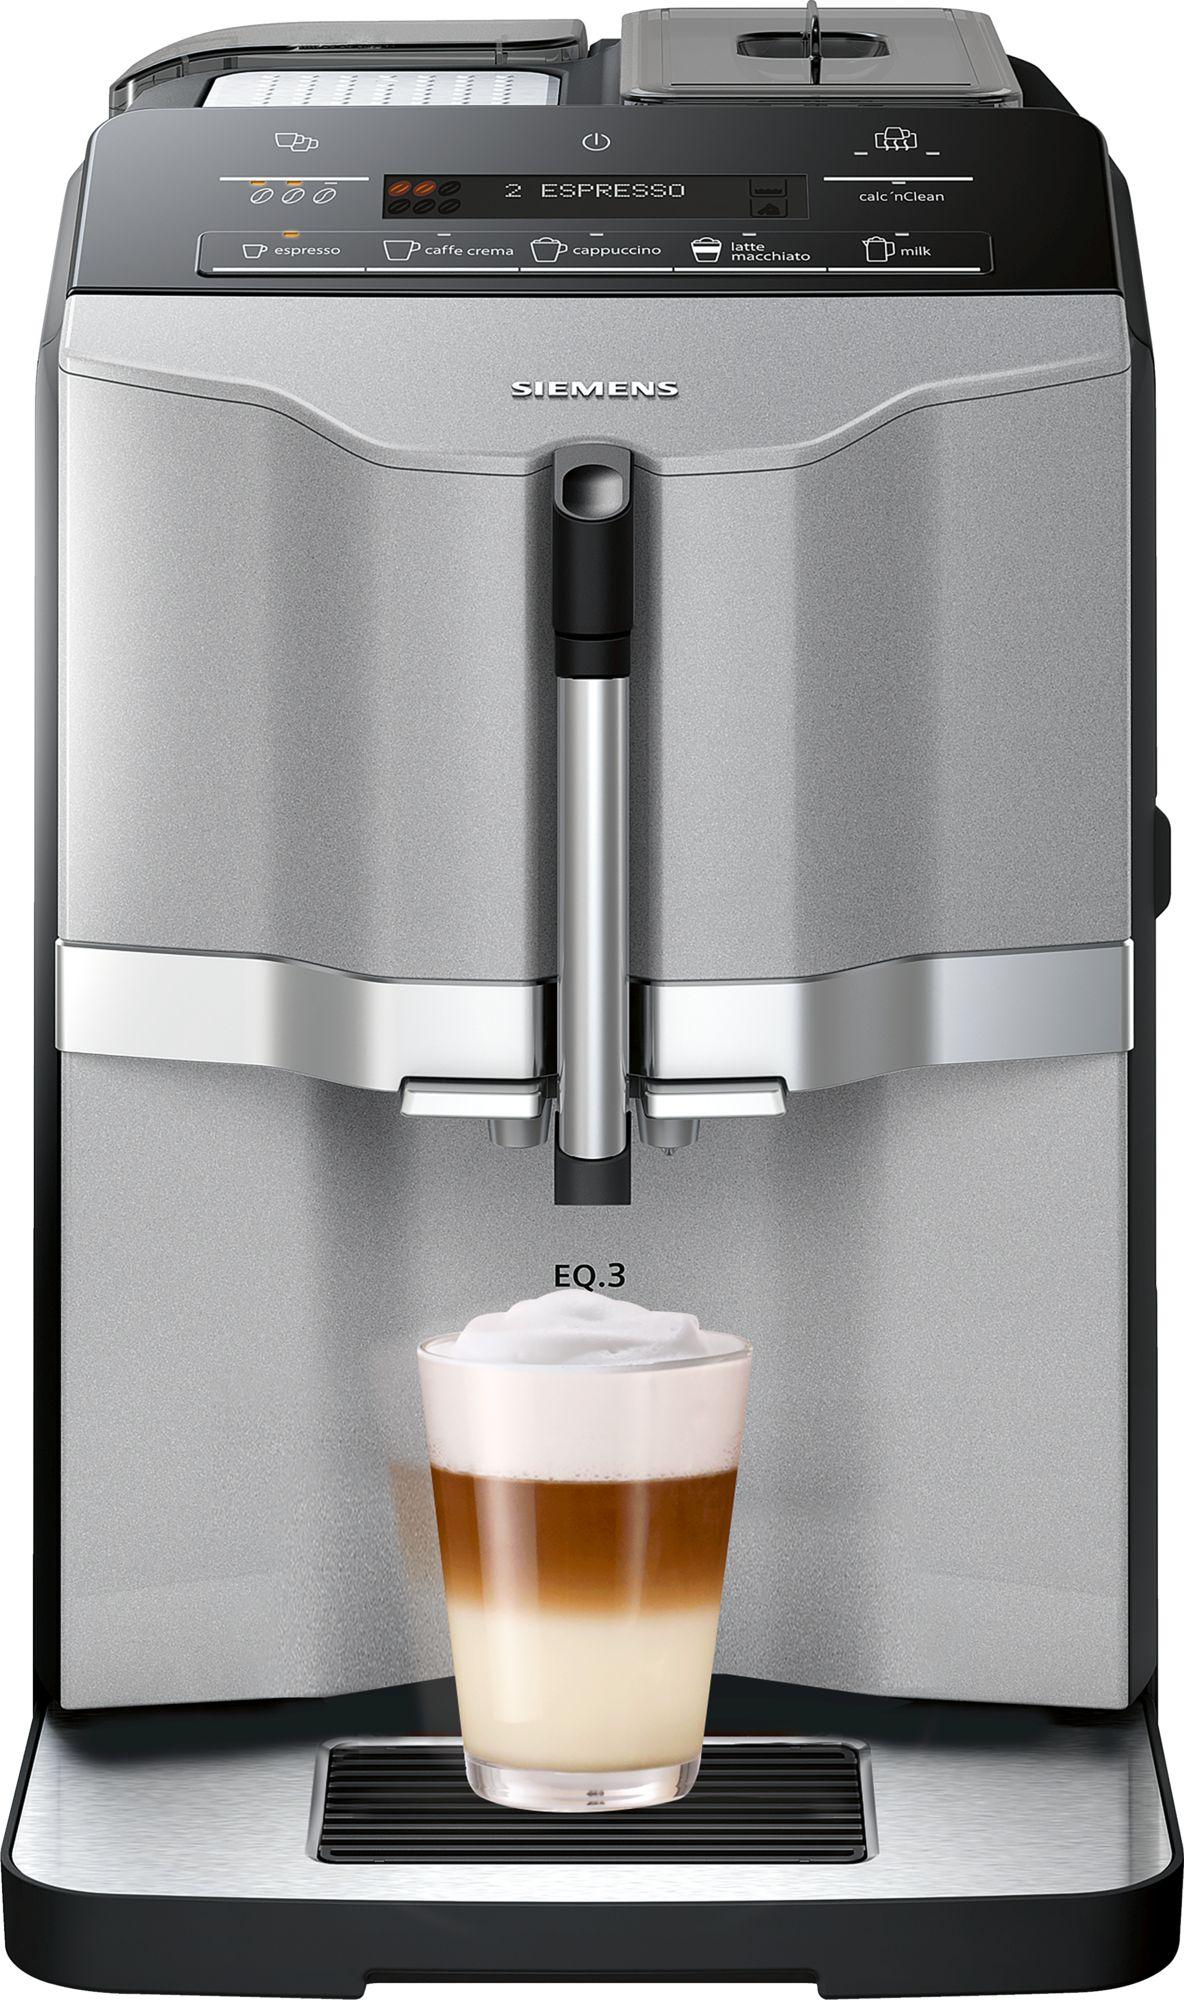 מכונת קפה אוטומטית מלאה EQ.3 s300 EQ3 SIEMENS TI303203RW